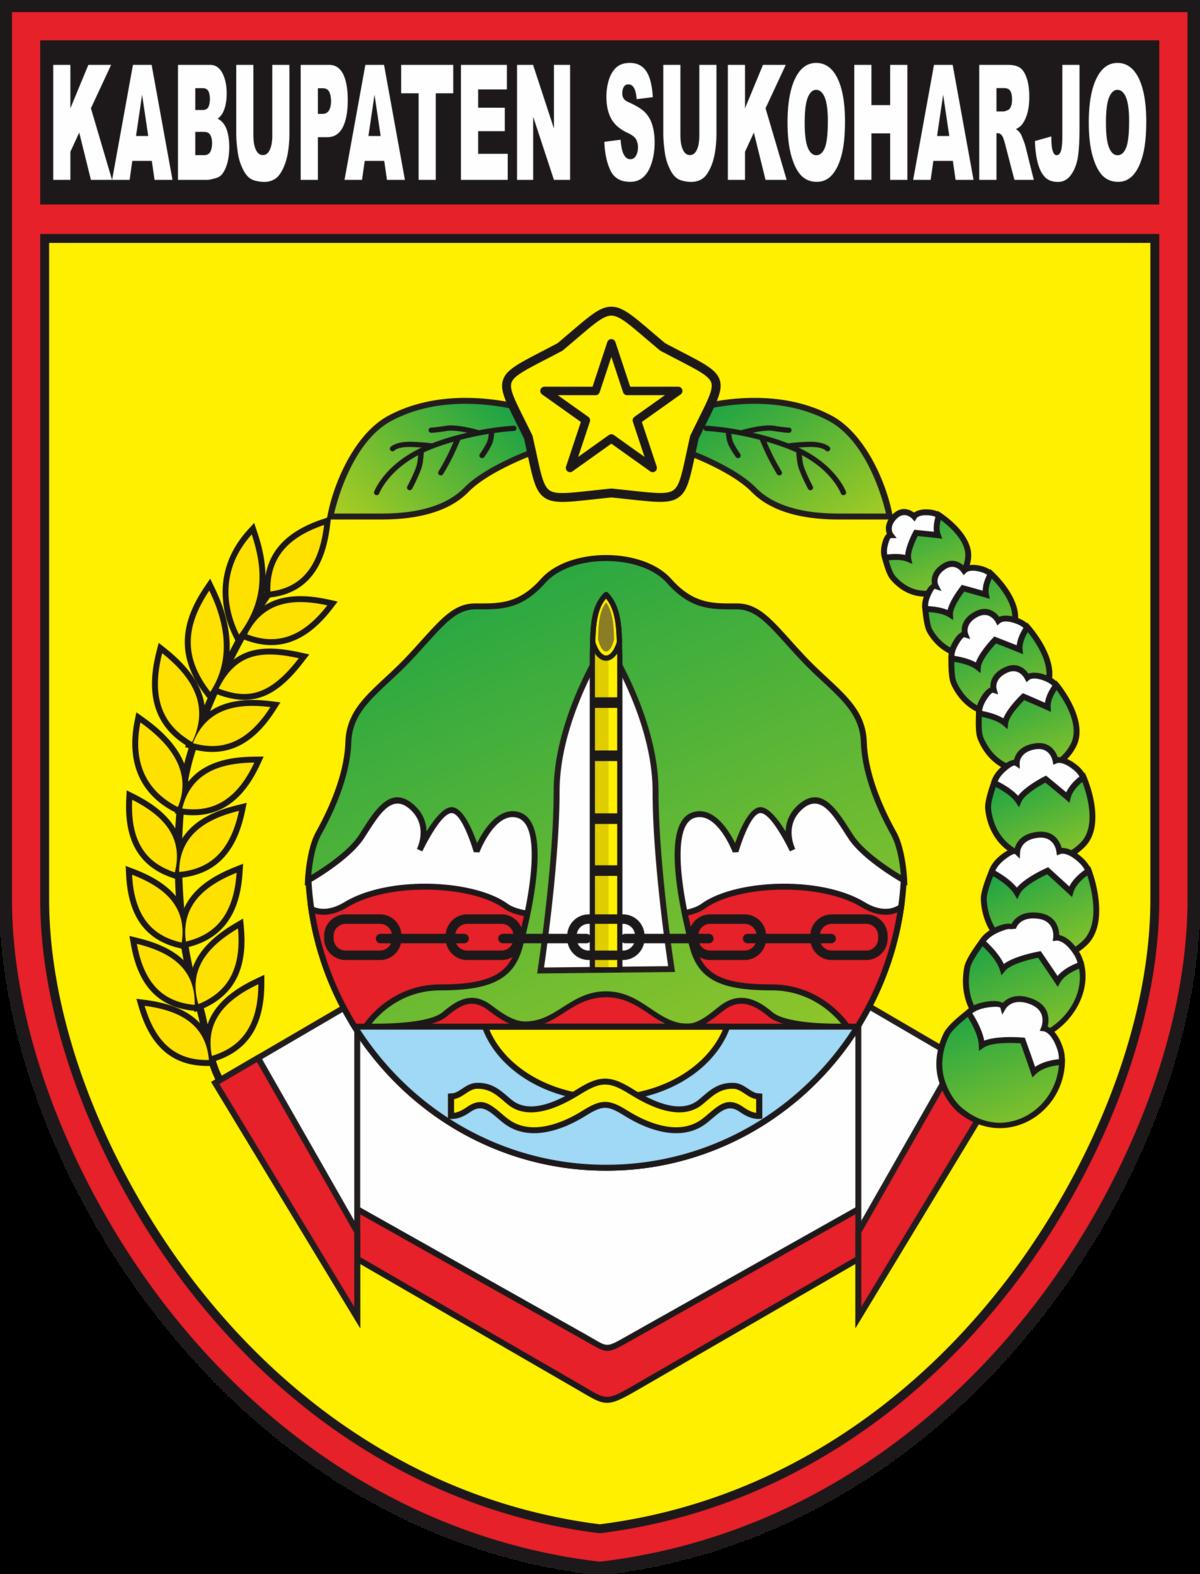 Kabupaten Sukoharjo Wikipedia Bahasa Indonesia Ensiklopedia Bebas Umbul Pecinan Batu